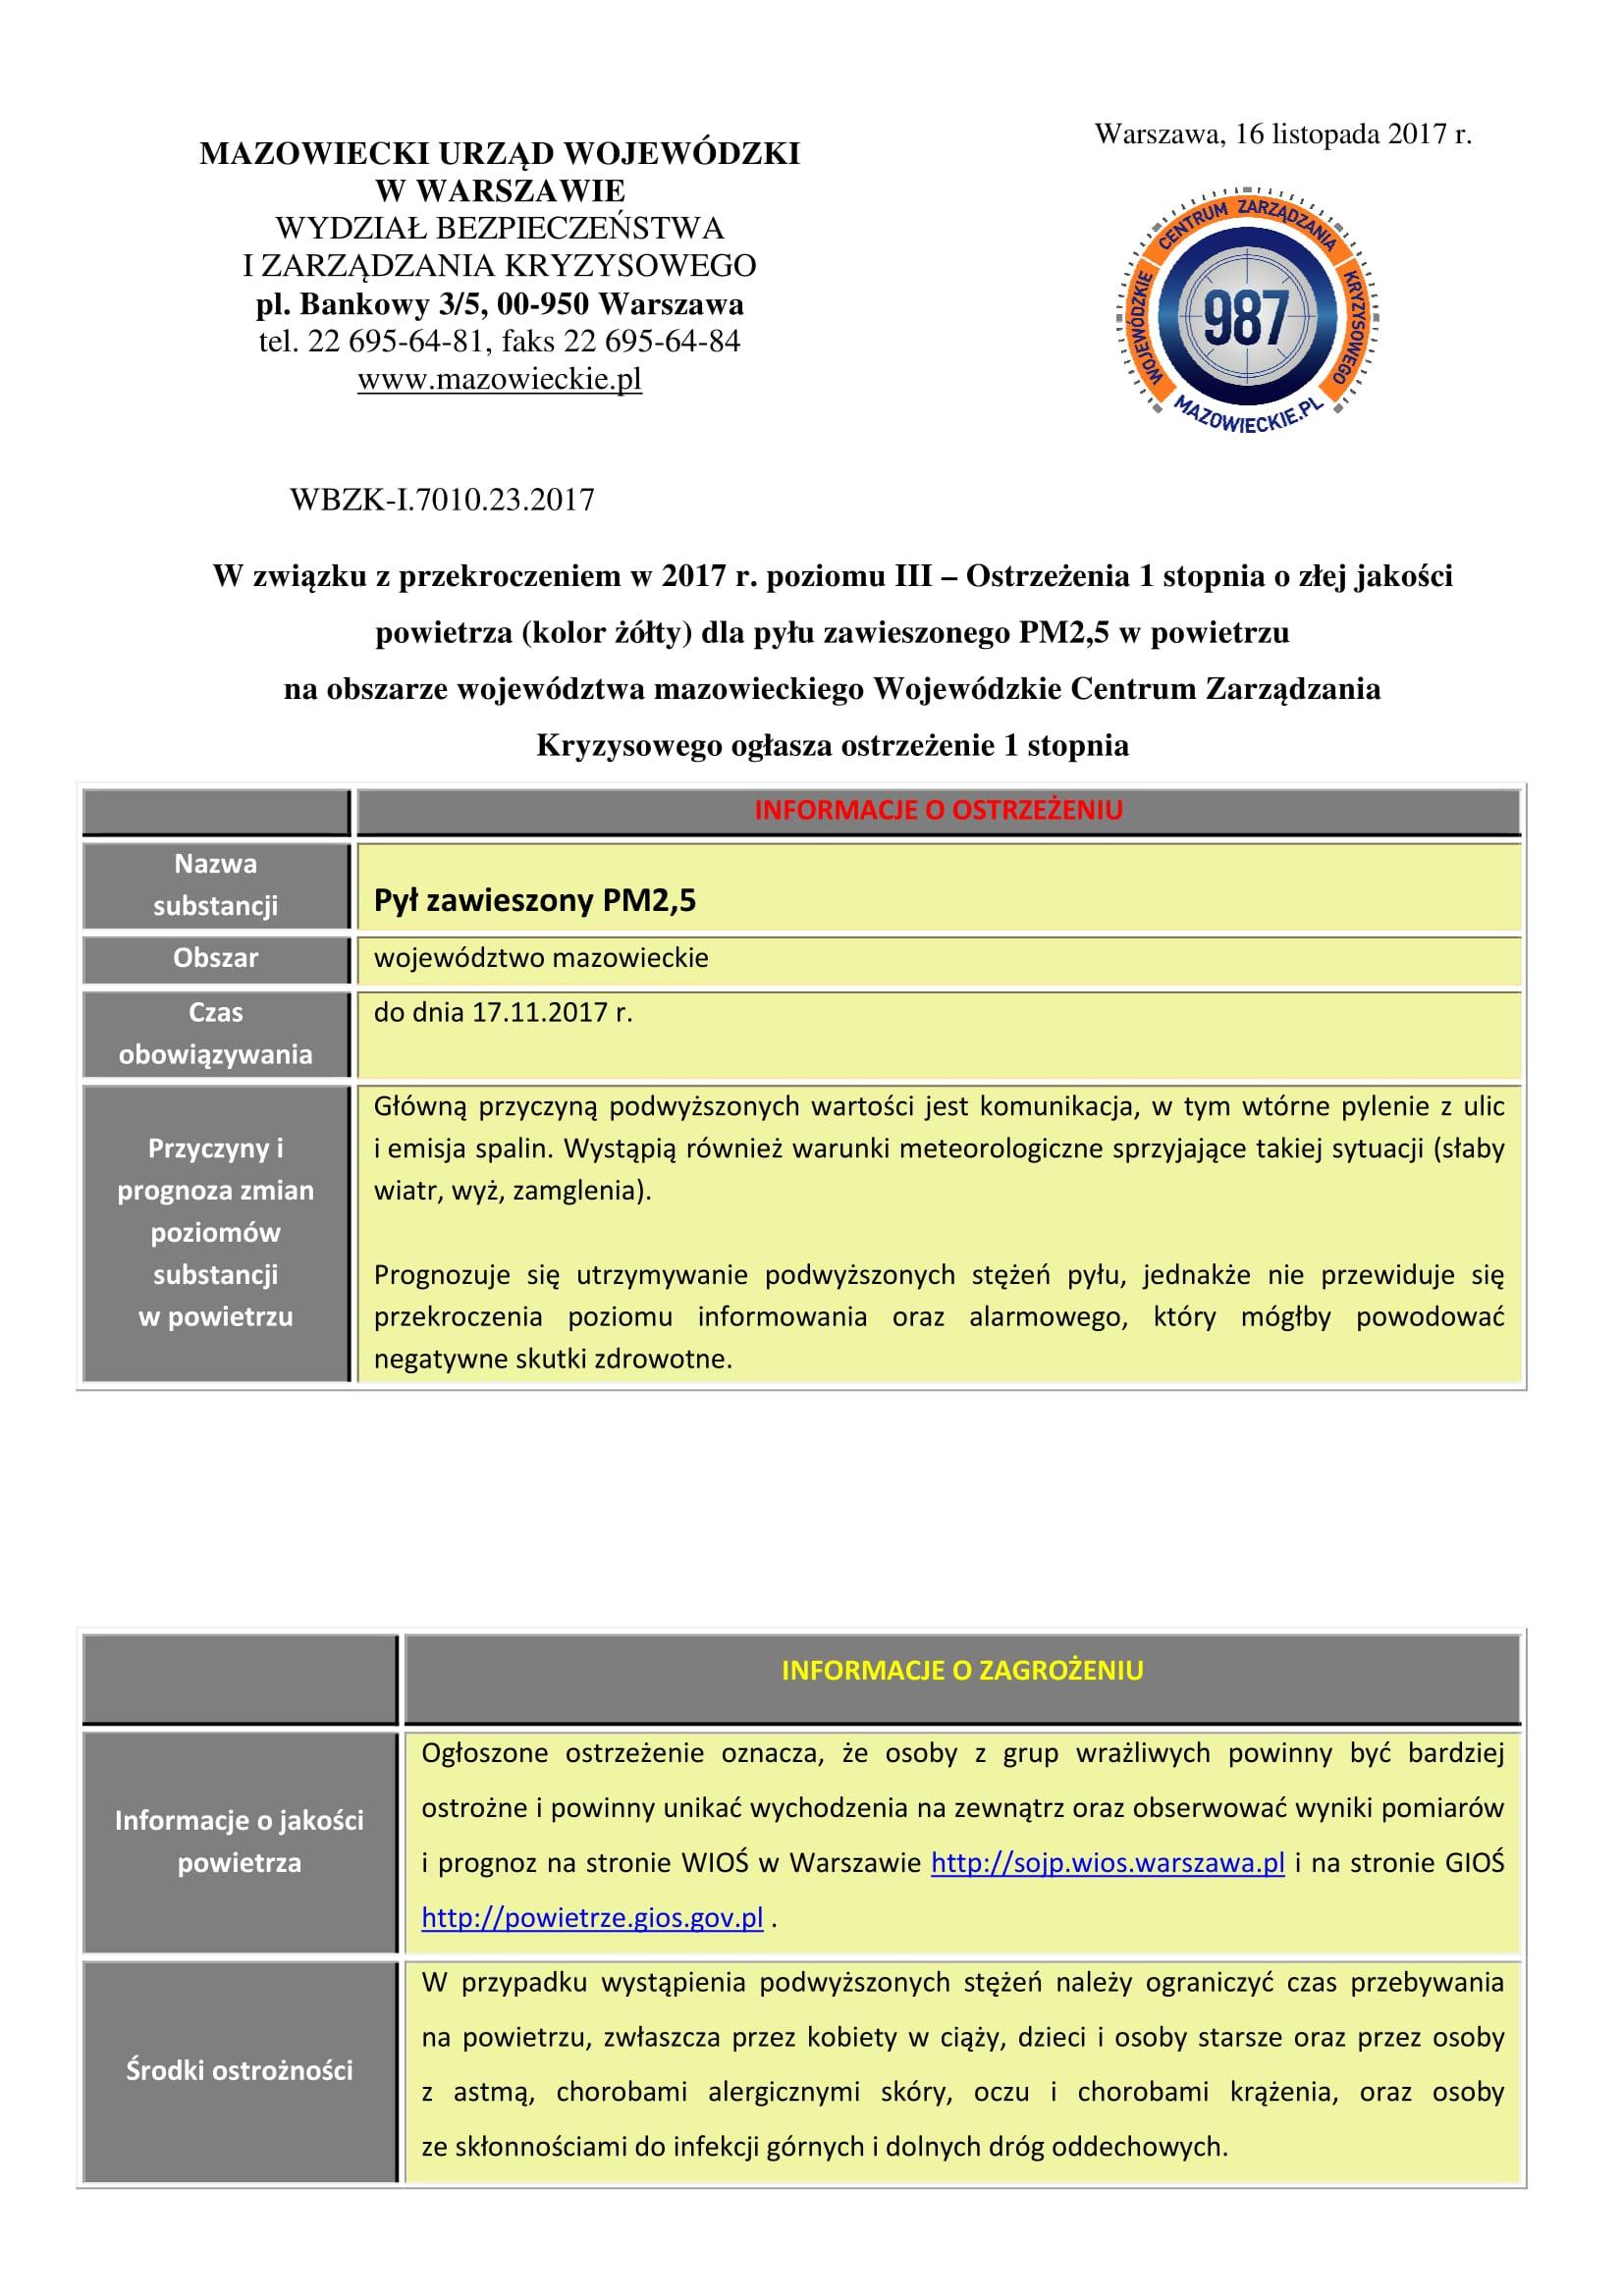 Poziom III - Ostrzeżenie 1 PM 2,5 16 listopada-1